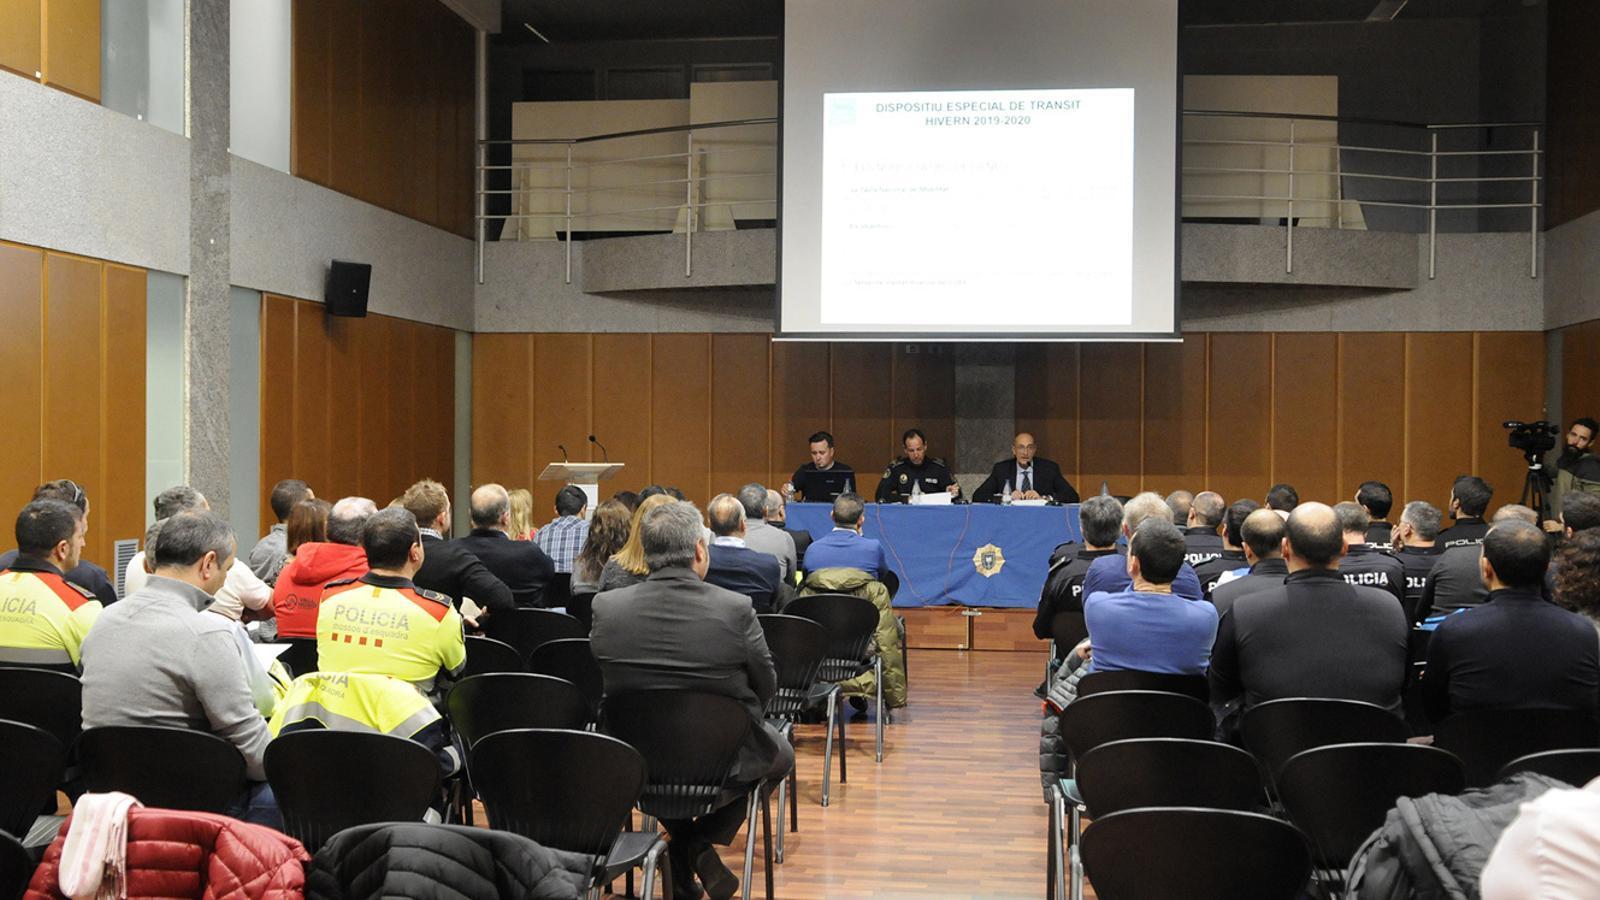 La Taula Nacional de Mobilitat durant la reunió mantinguda aquest dimarts. / SFG